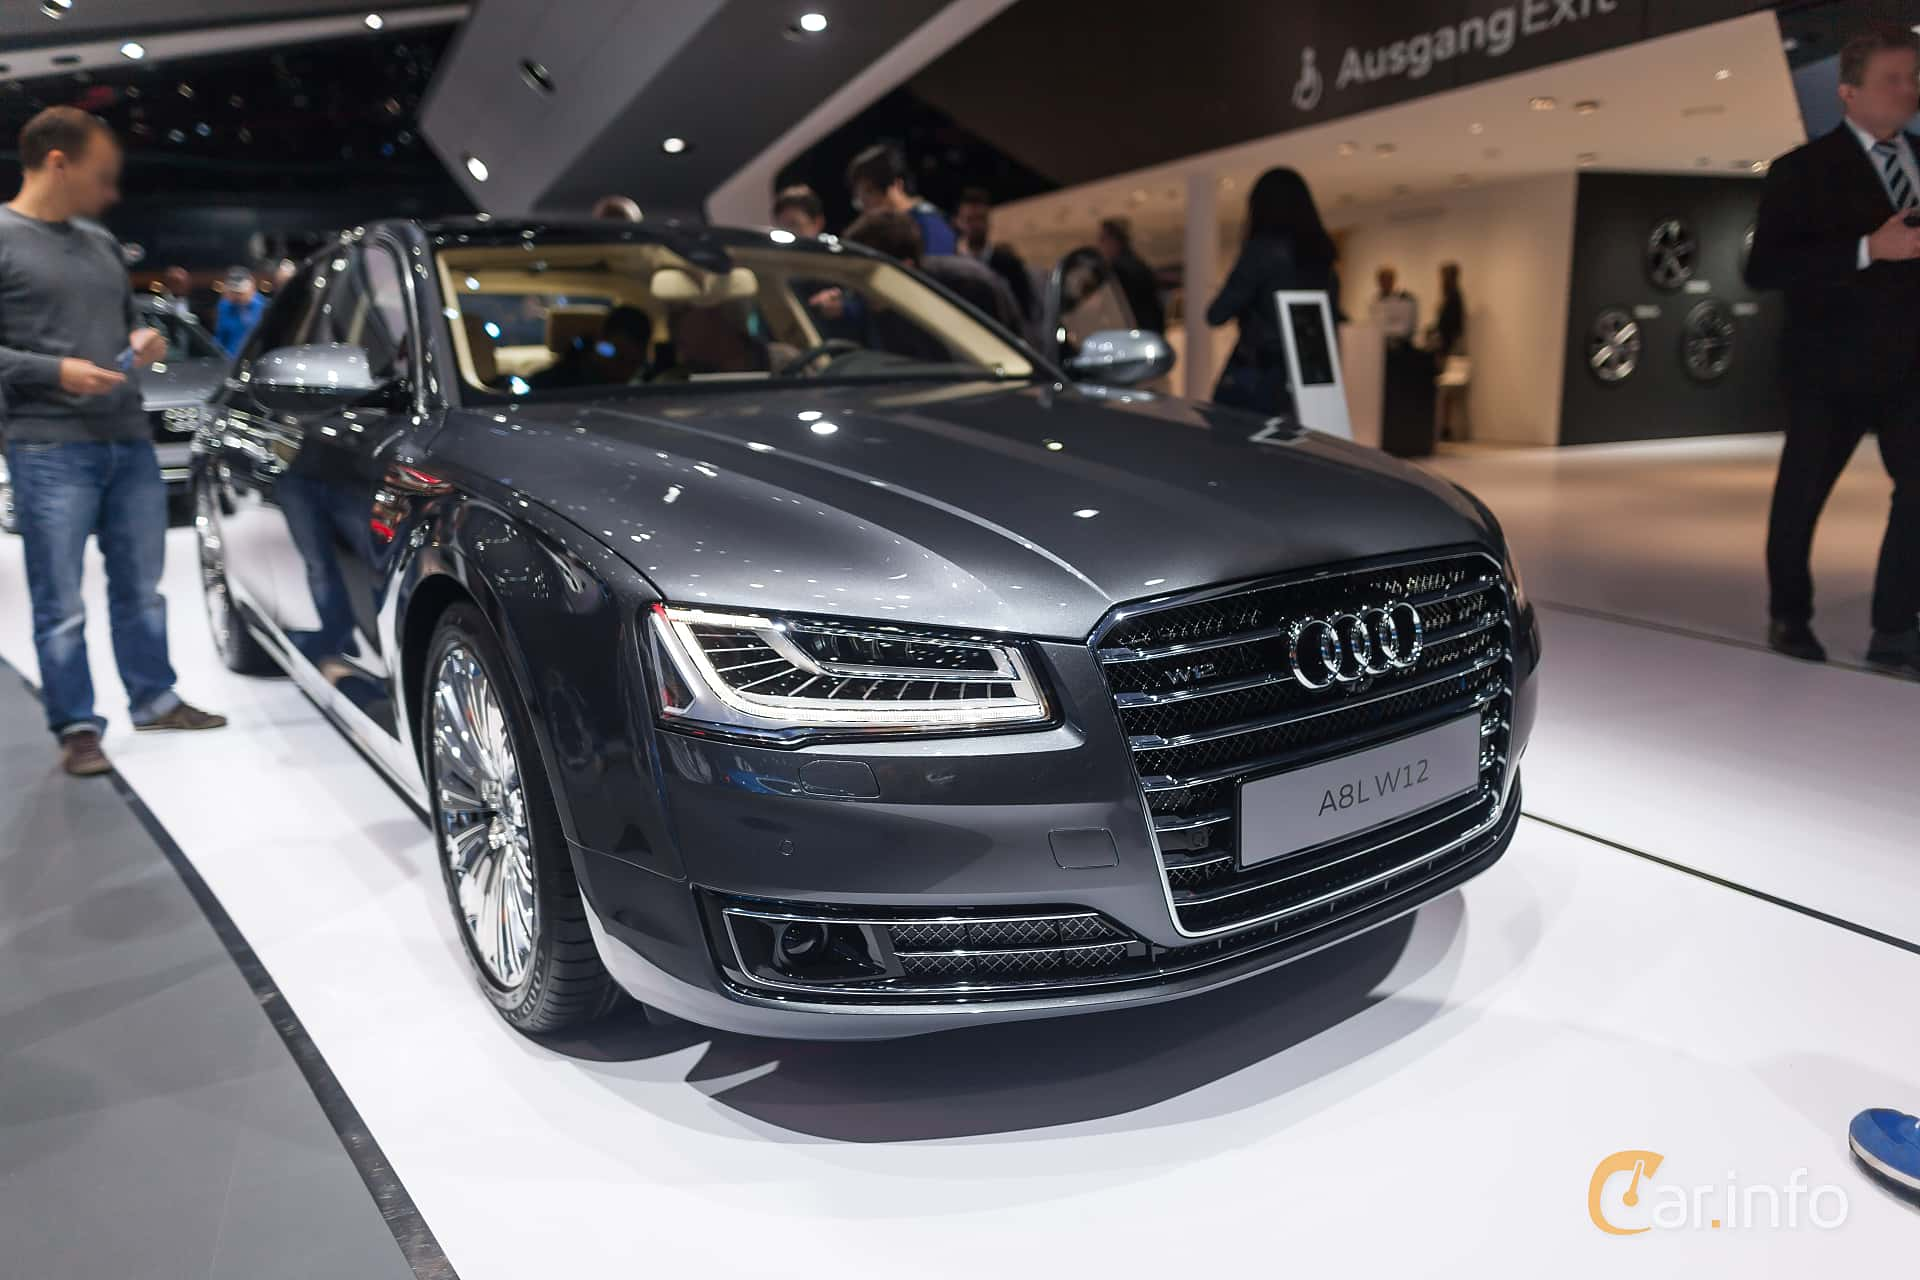 Kelebihan Kekurangan Audi A8L W12 Perbandingan Harga